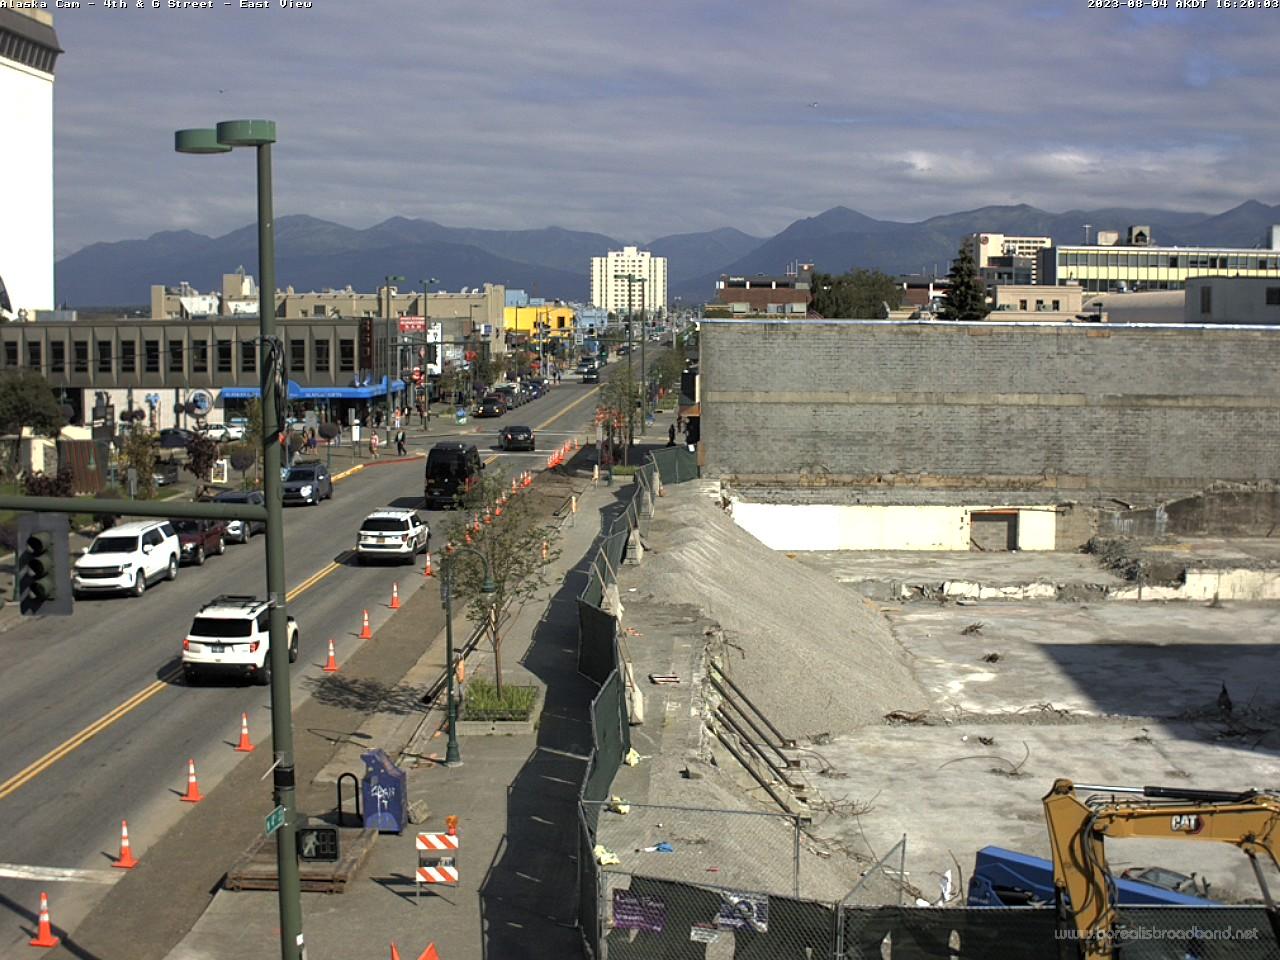 Anchorage – 4th Avenue & G Straße (Blick nach Osten) webcam Live